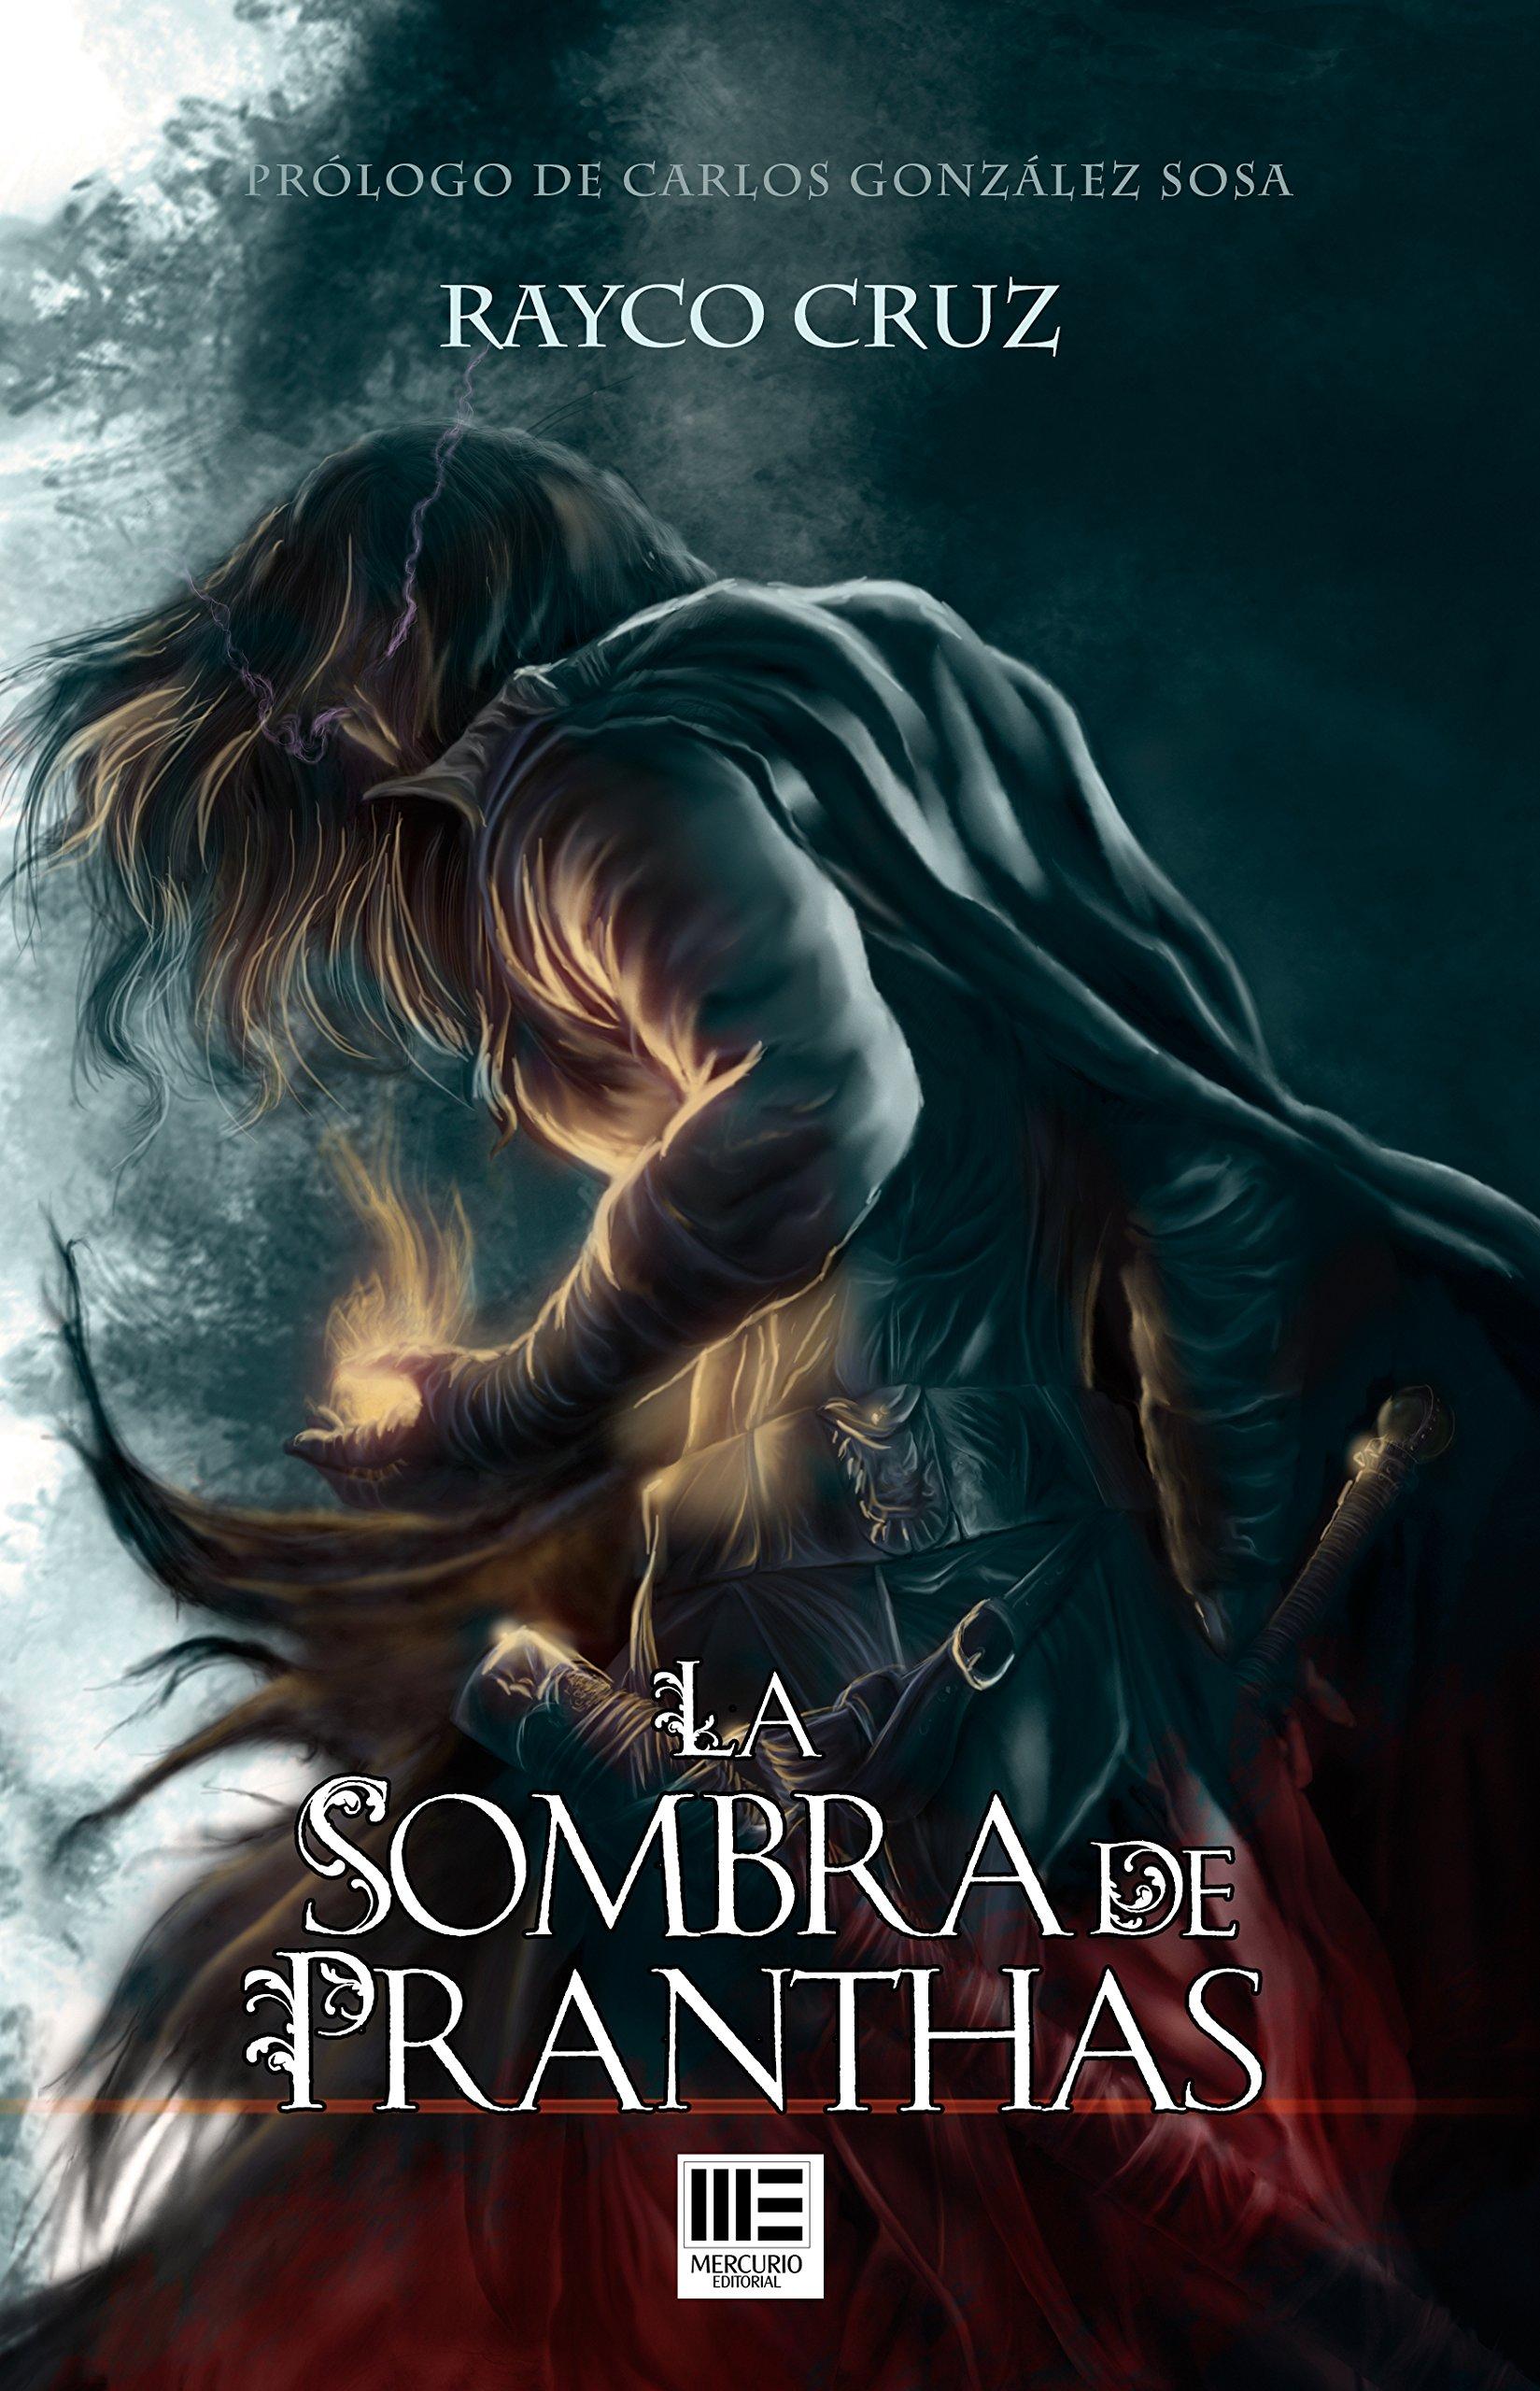 La Sombra de Pranthas: Amazon.es: Rayco Cruz, Mercurio Editorial, José Gabriel Espinosa: Libros